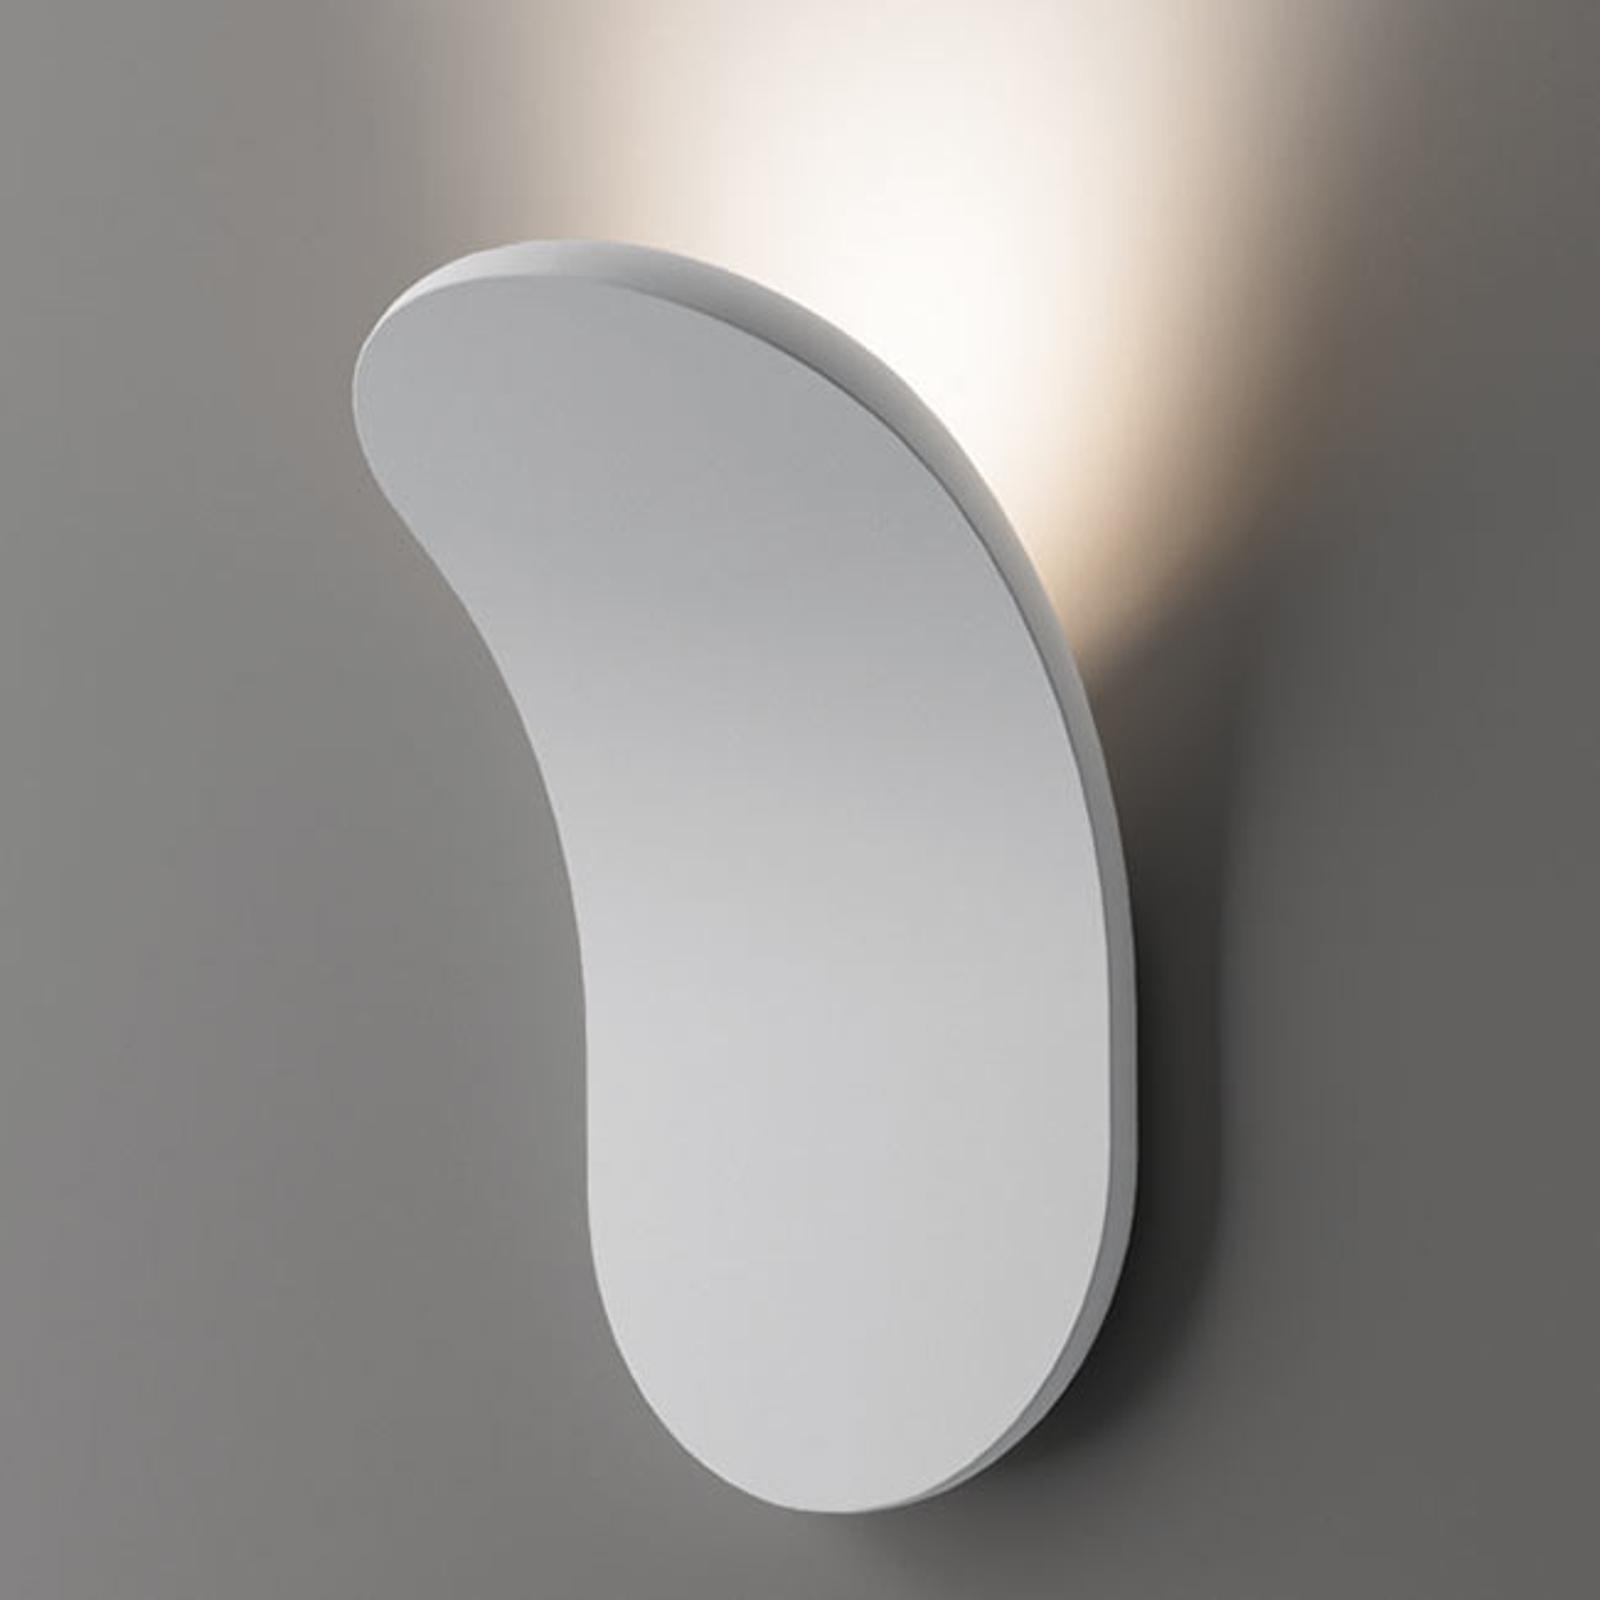 Axolight Lik LED-Wandleuchte weiß